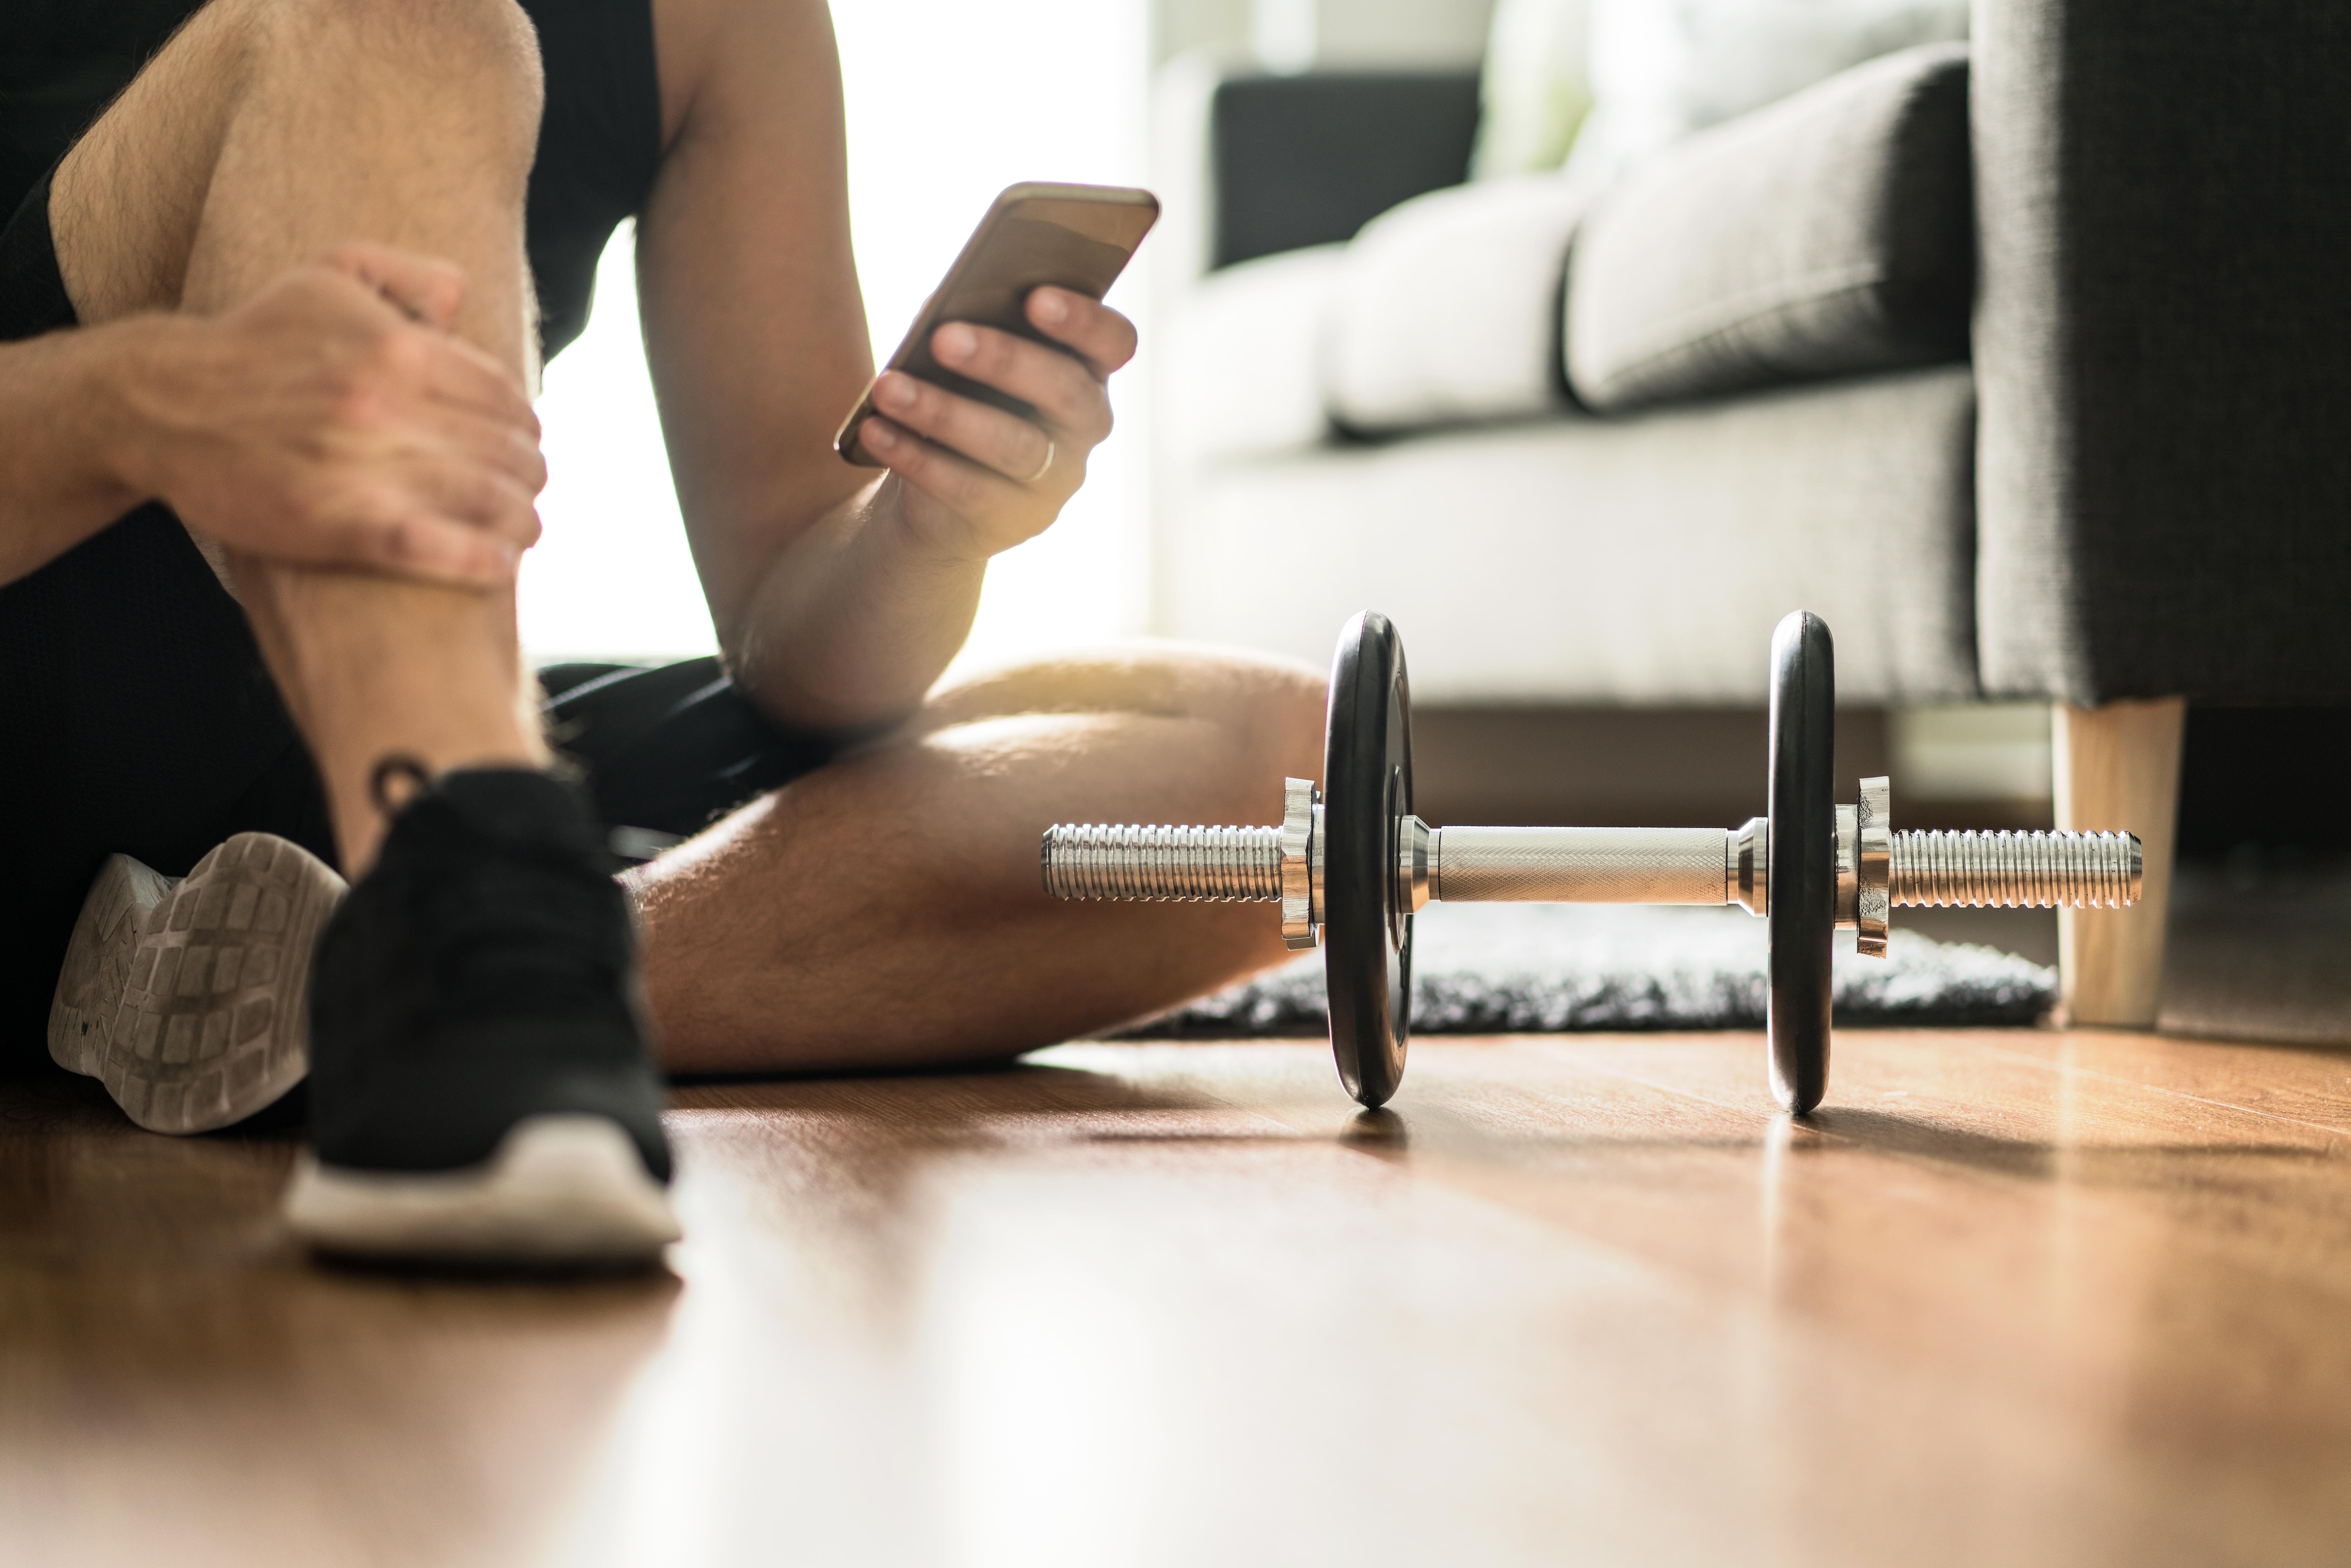 Ejercicios mantenerse en forma en casa